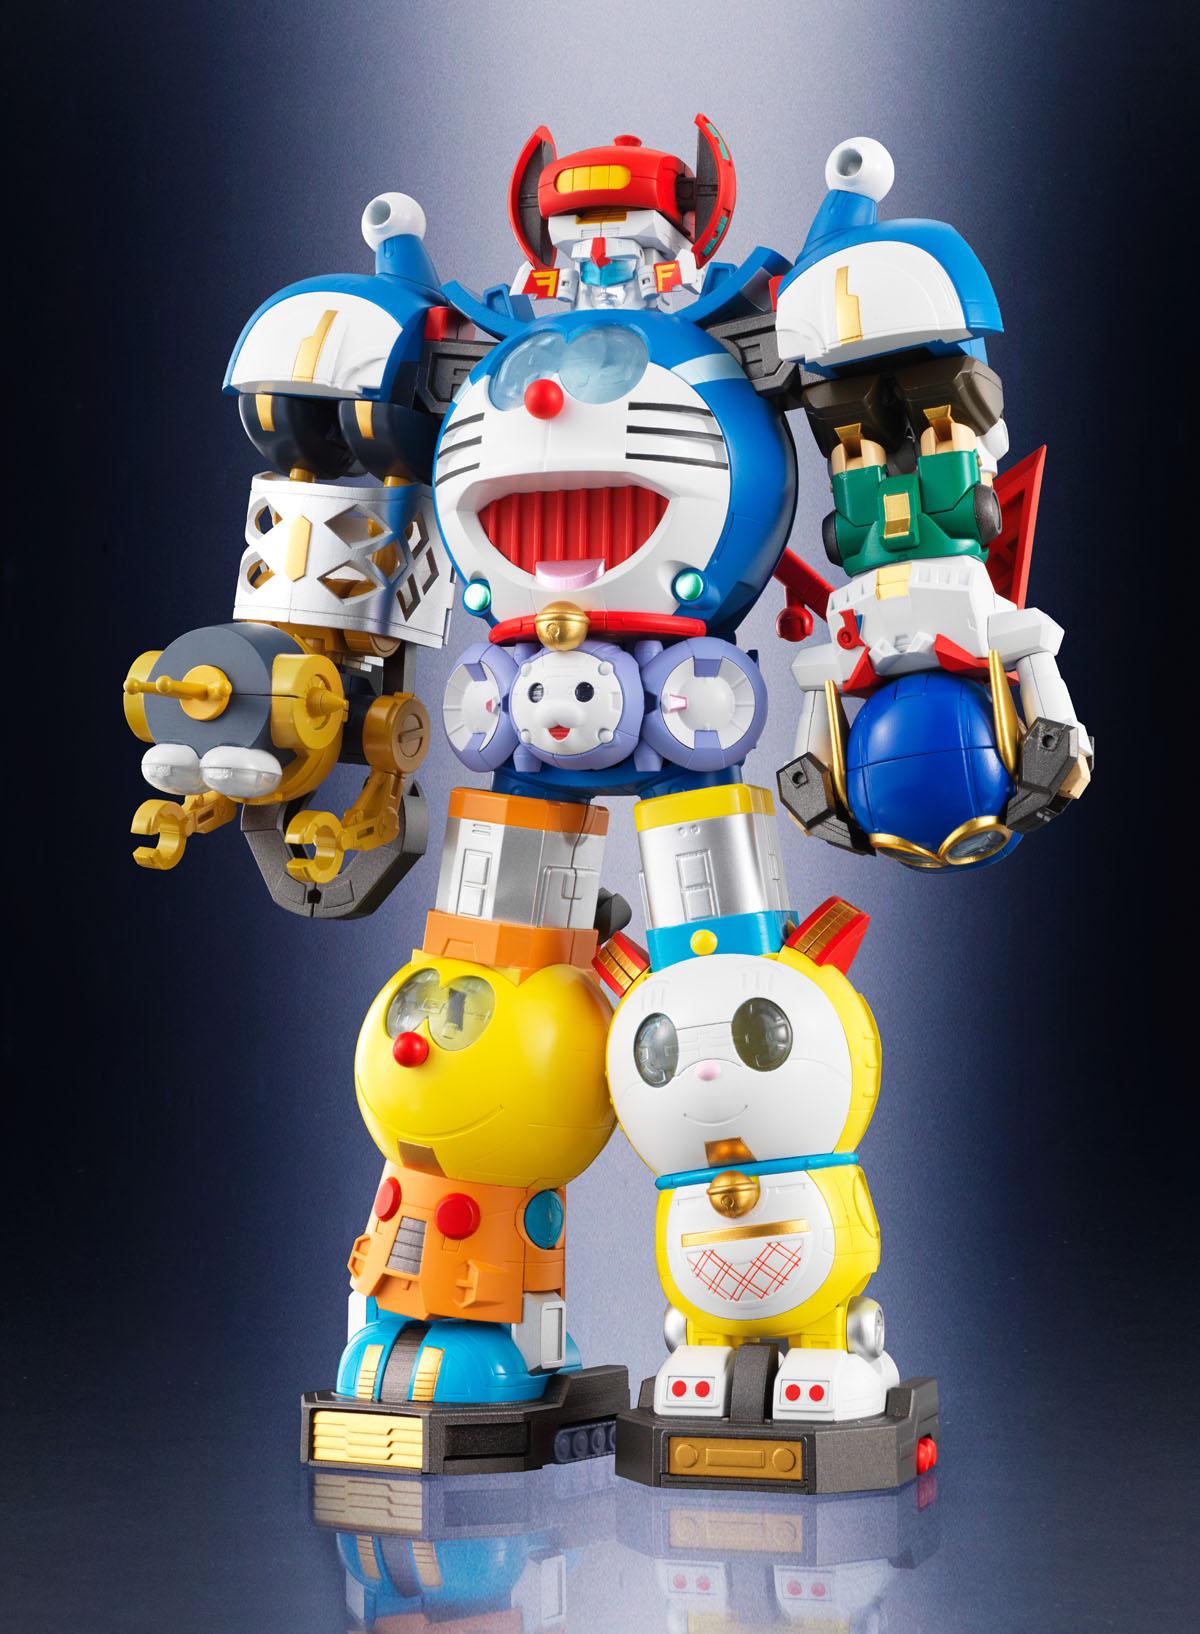 6体のロボットが合体。それぞれのロボットのアレンジが楽しい